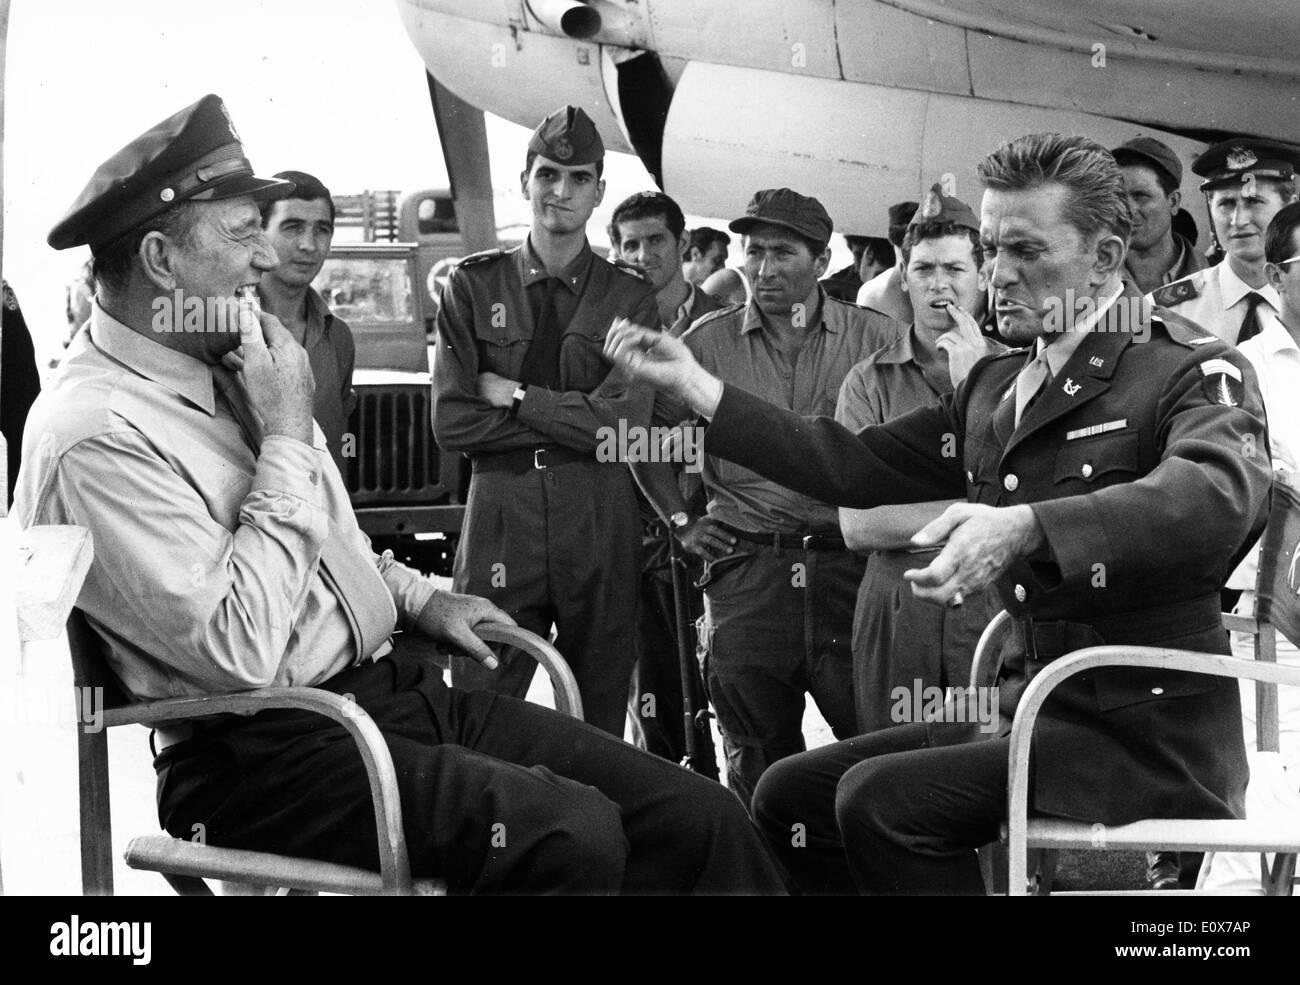 Actors Kirk Douglas and John Wayne co-star in film - Stock Image